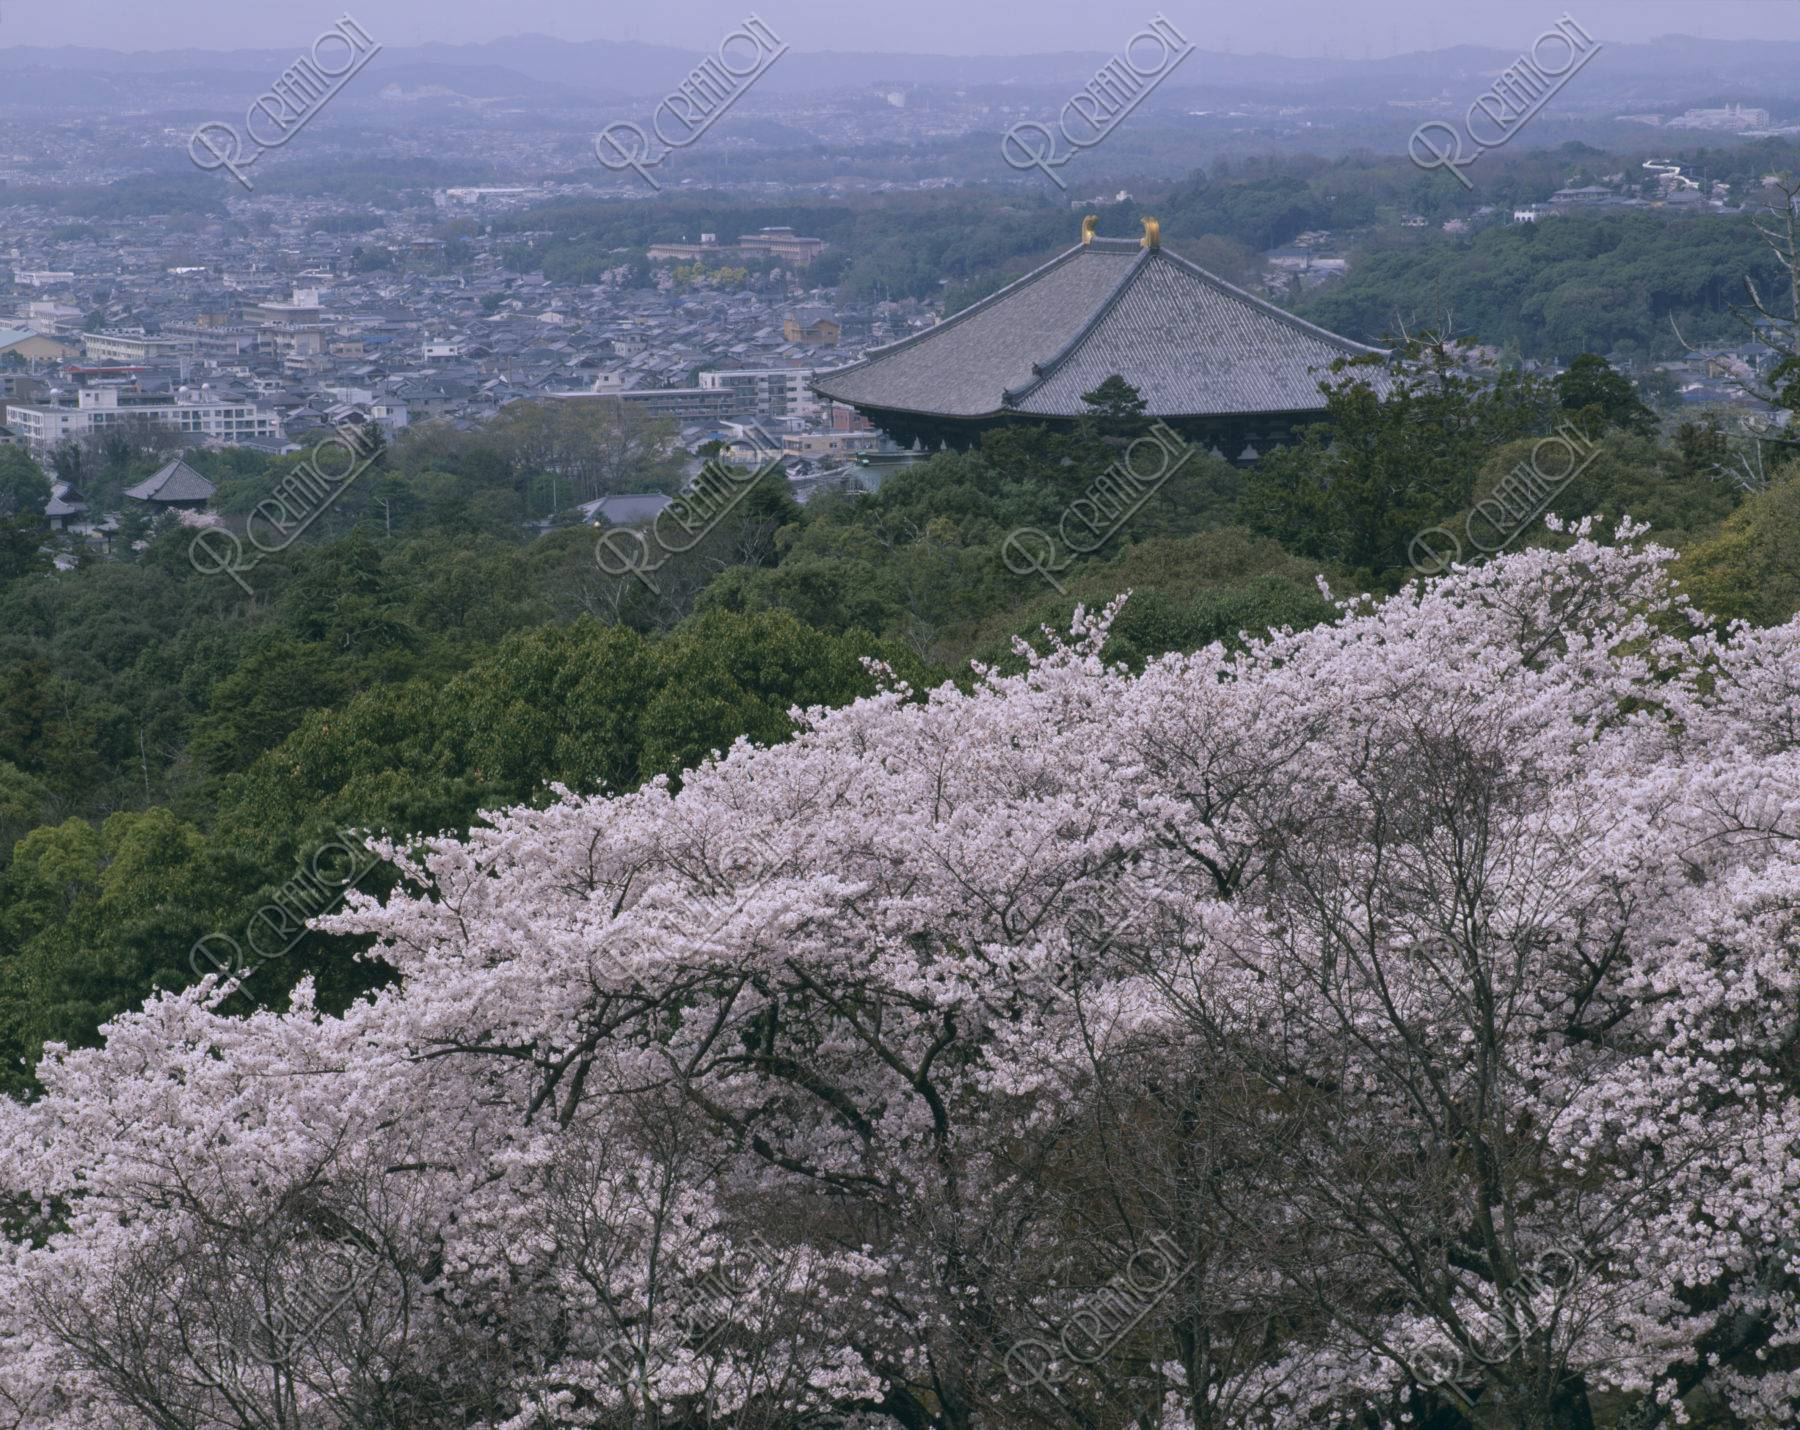 東大寺 大仏殿と桜 世界遺産